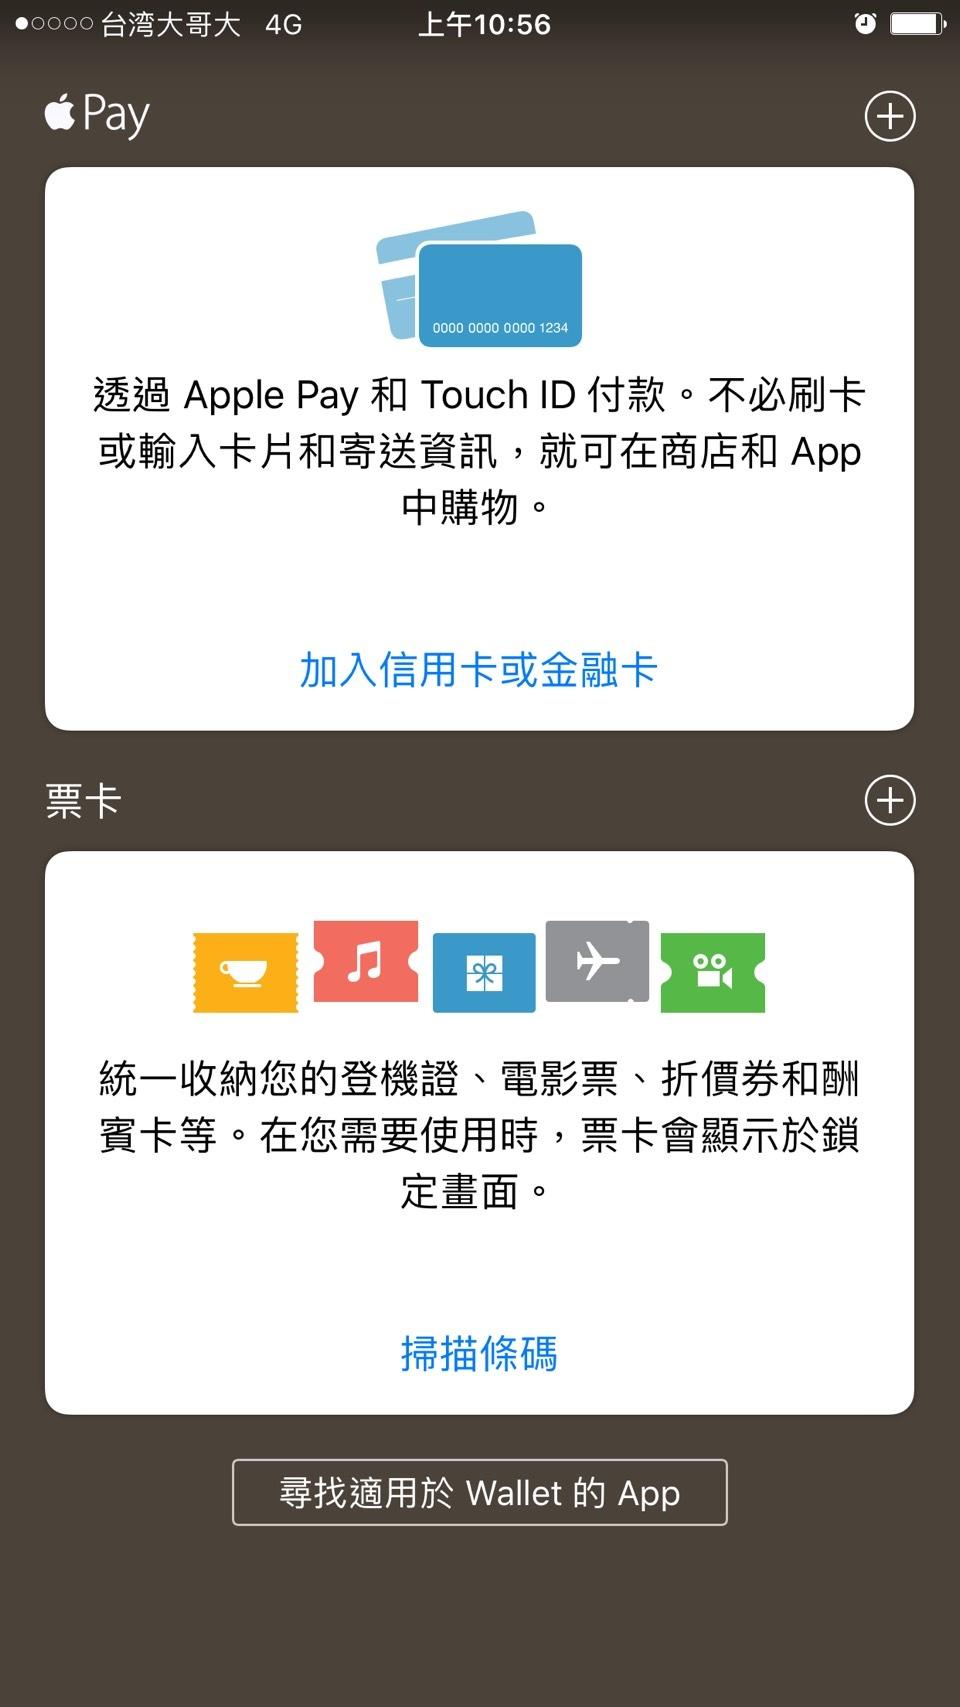 Apple Pay,就在今天開始可以用囉~來看看那些銀行有合作,和那些網站可使用